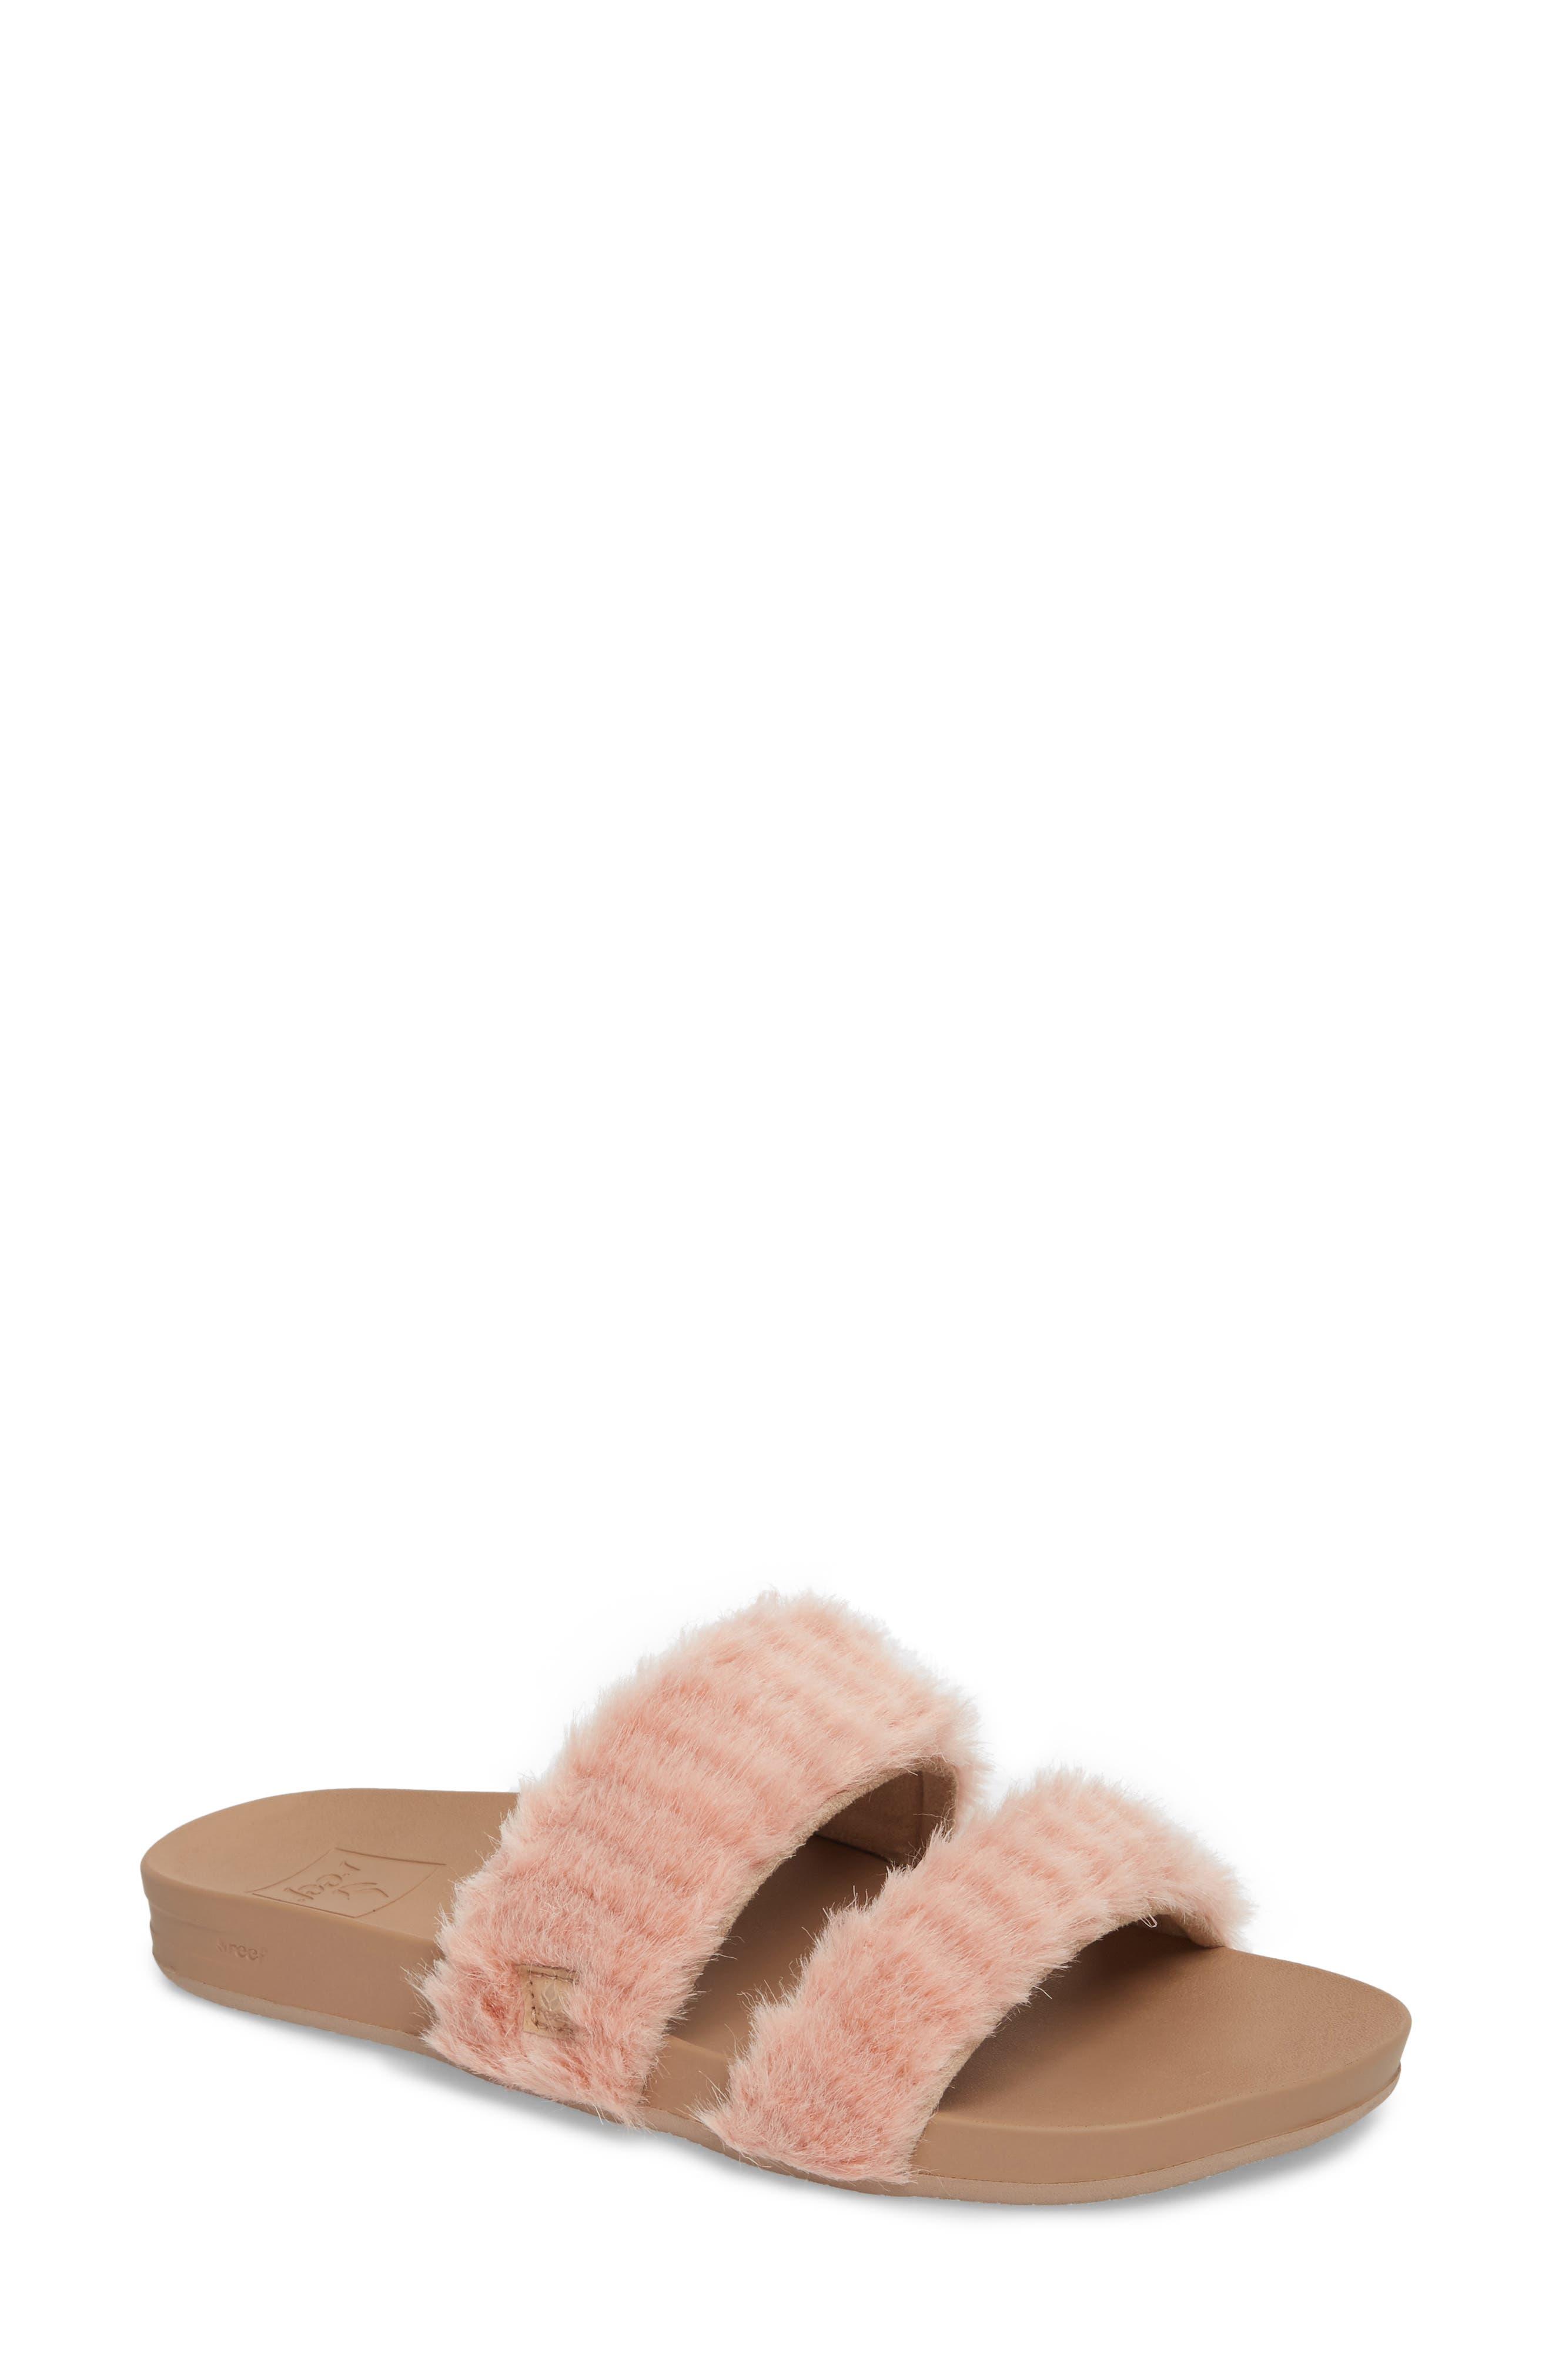 Bounce Faux Fur Double Strap Slide Sandal,                         Main,                         color, Blush